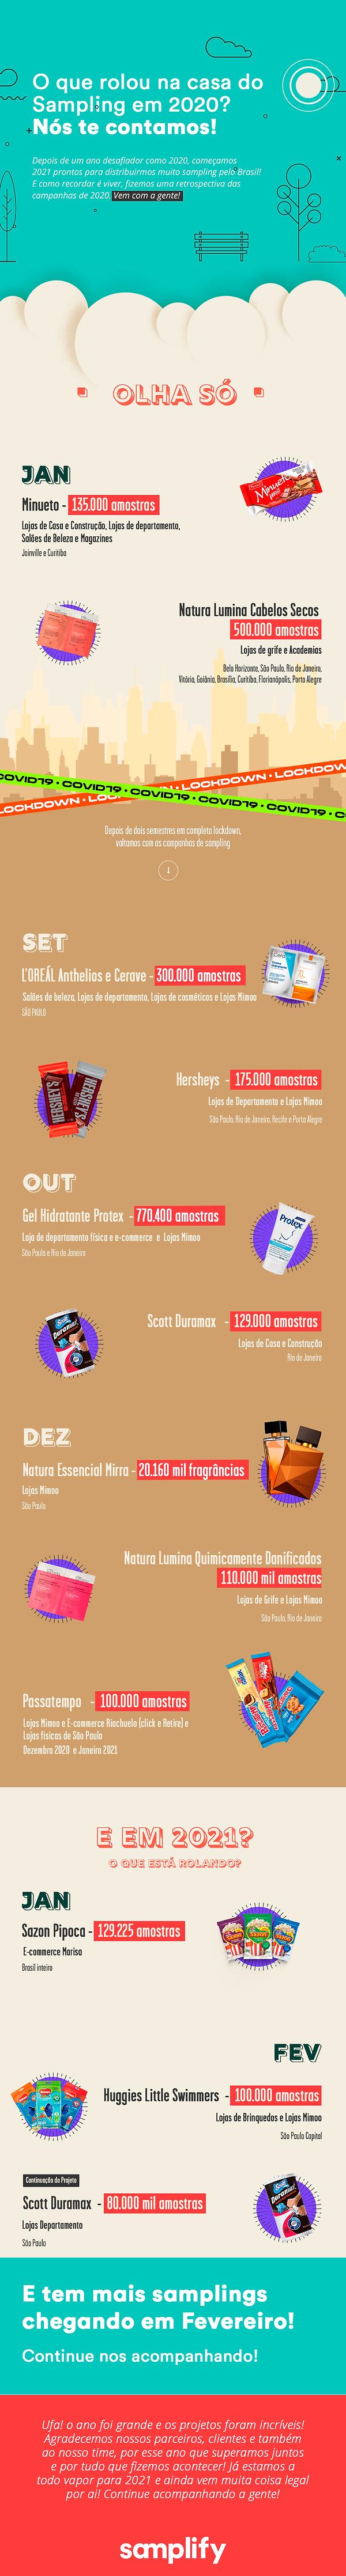 Timeline-2018---Infografico.png